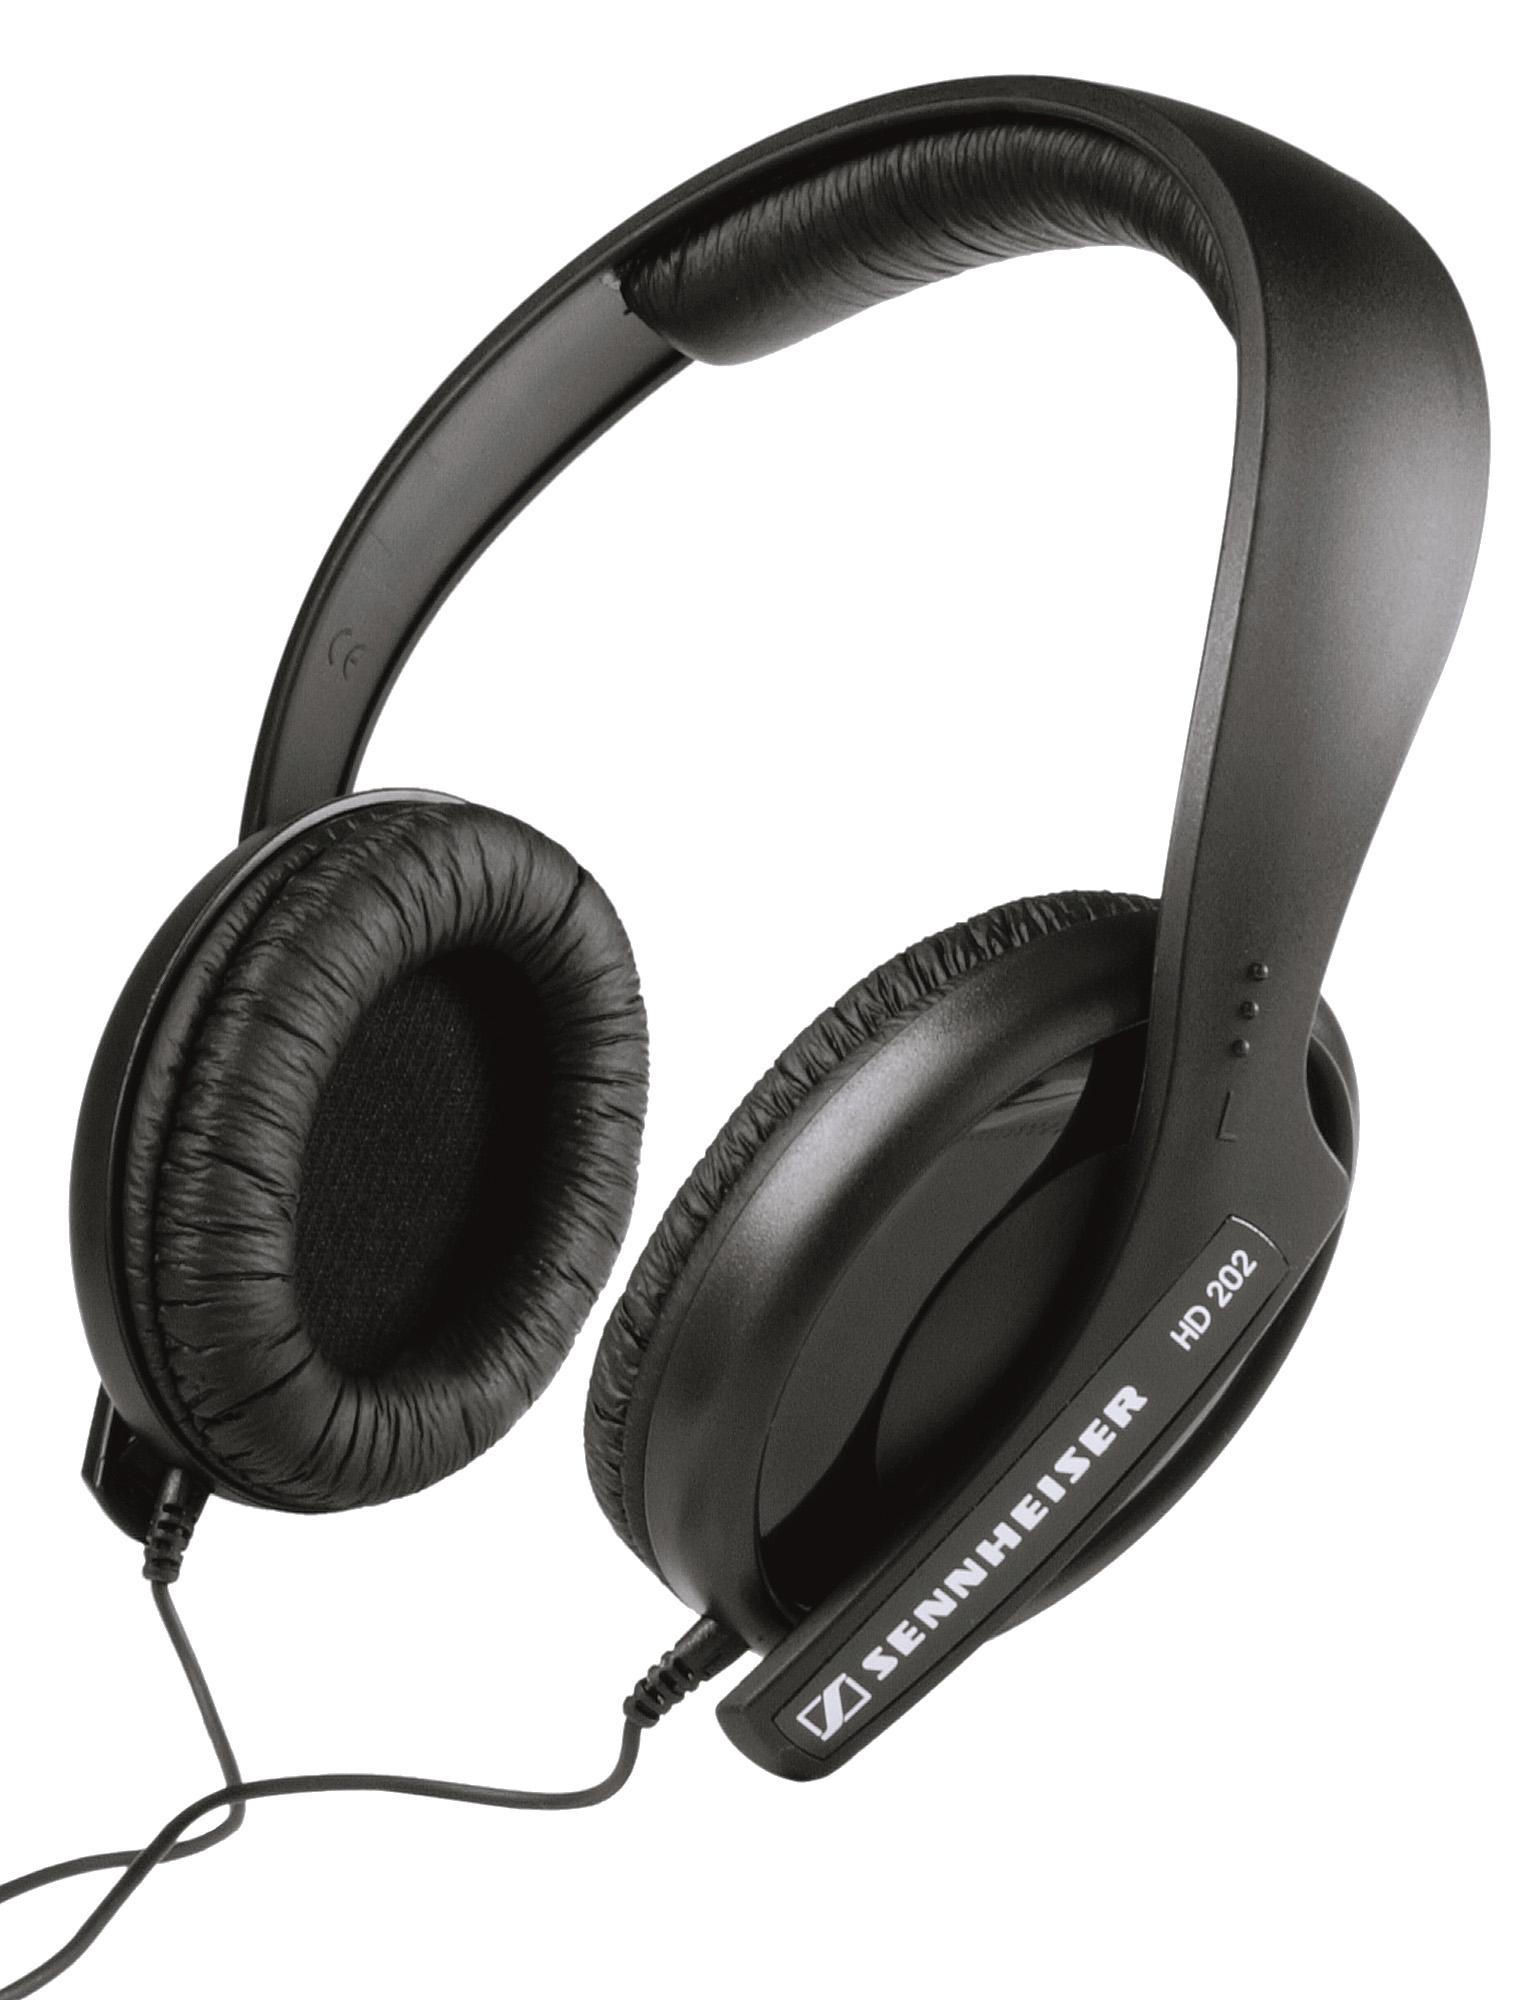 Kvalitets høretelefoner fra Sennheiser (HD-202 II) til din iPod eller iPhone!